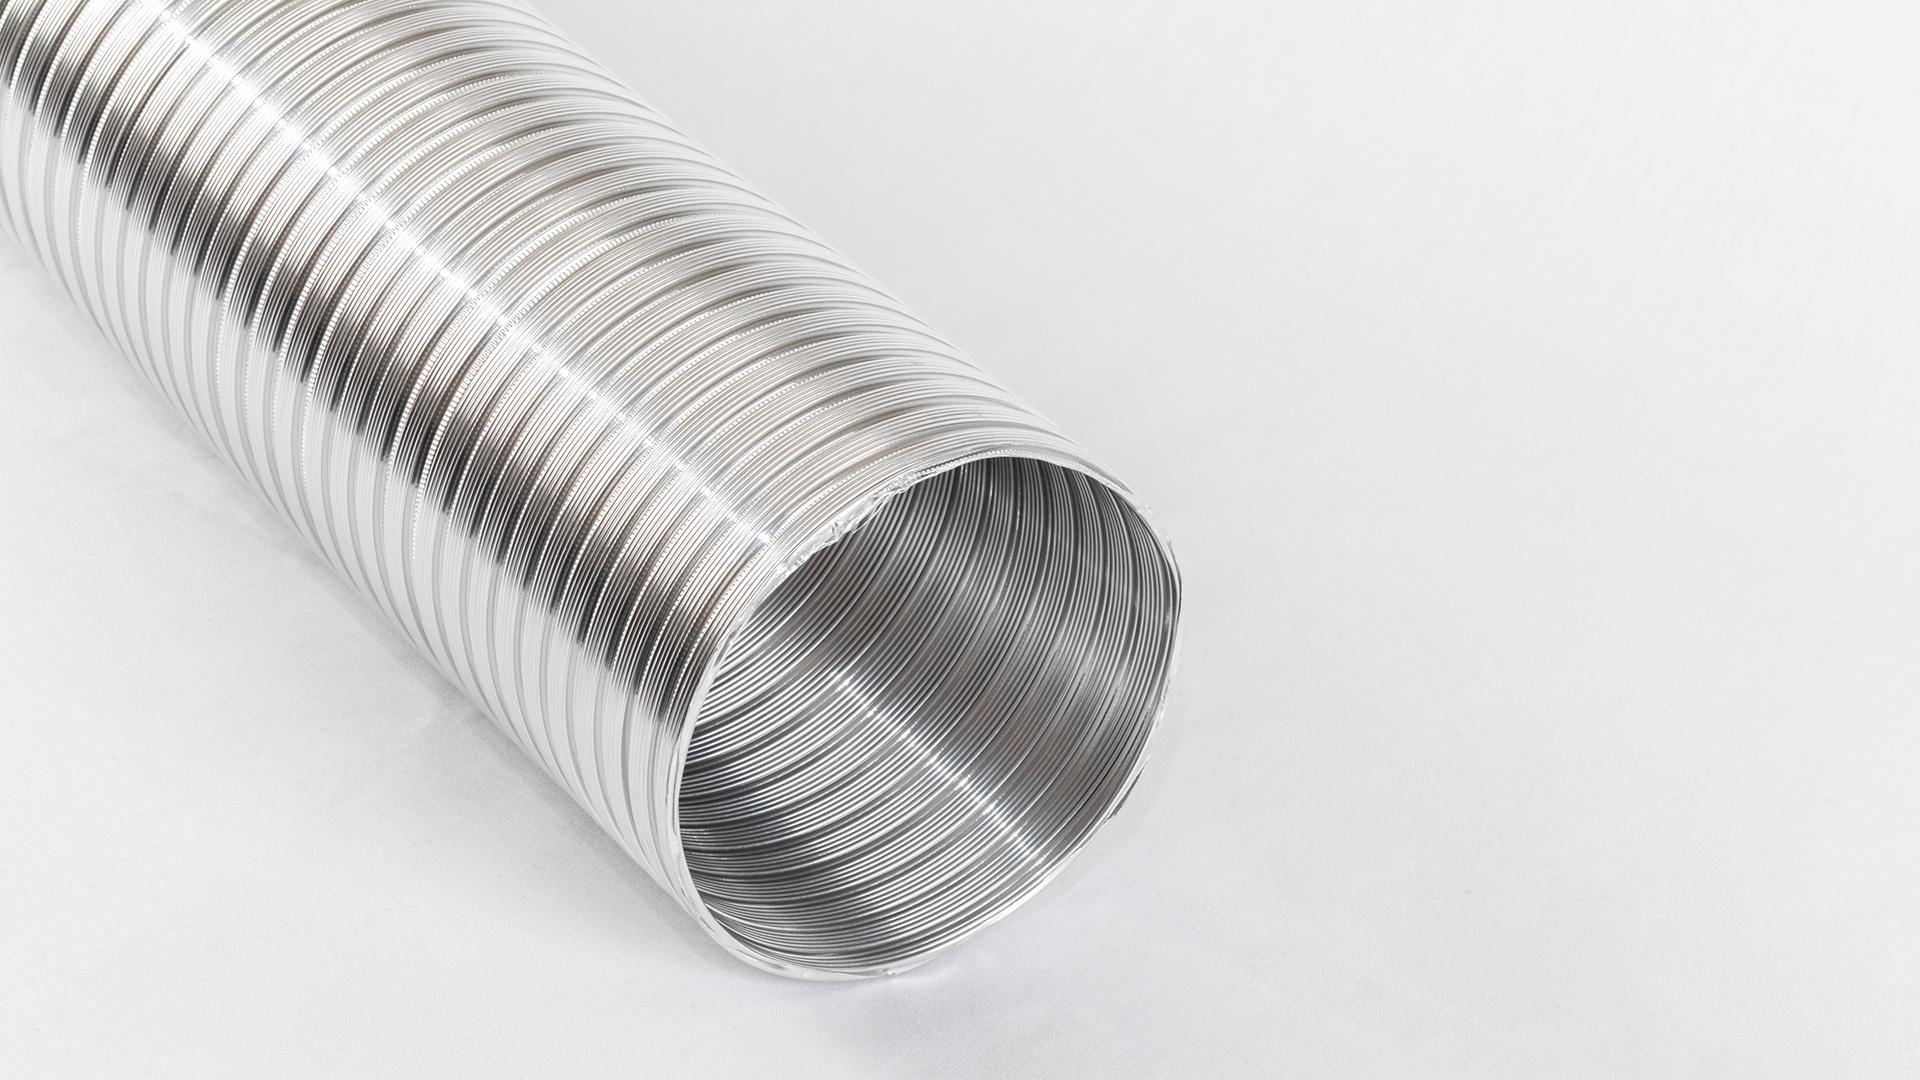 tuburi extensibile din aluminiu comprimate